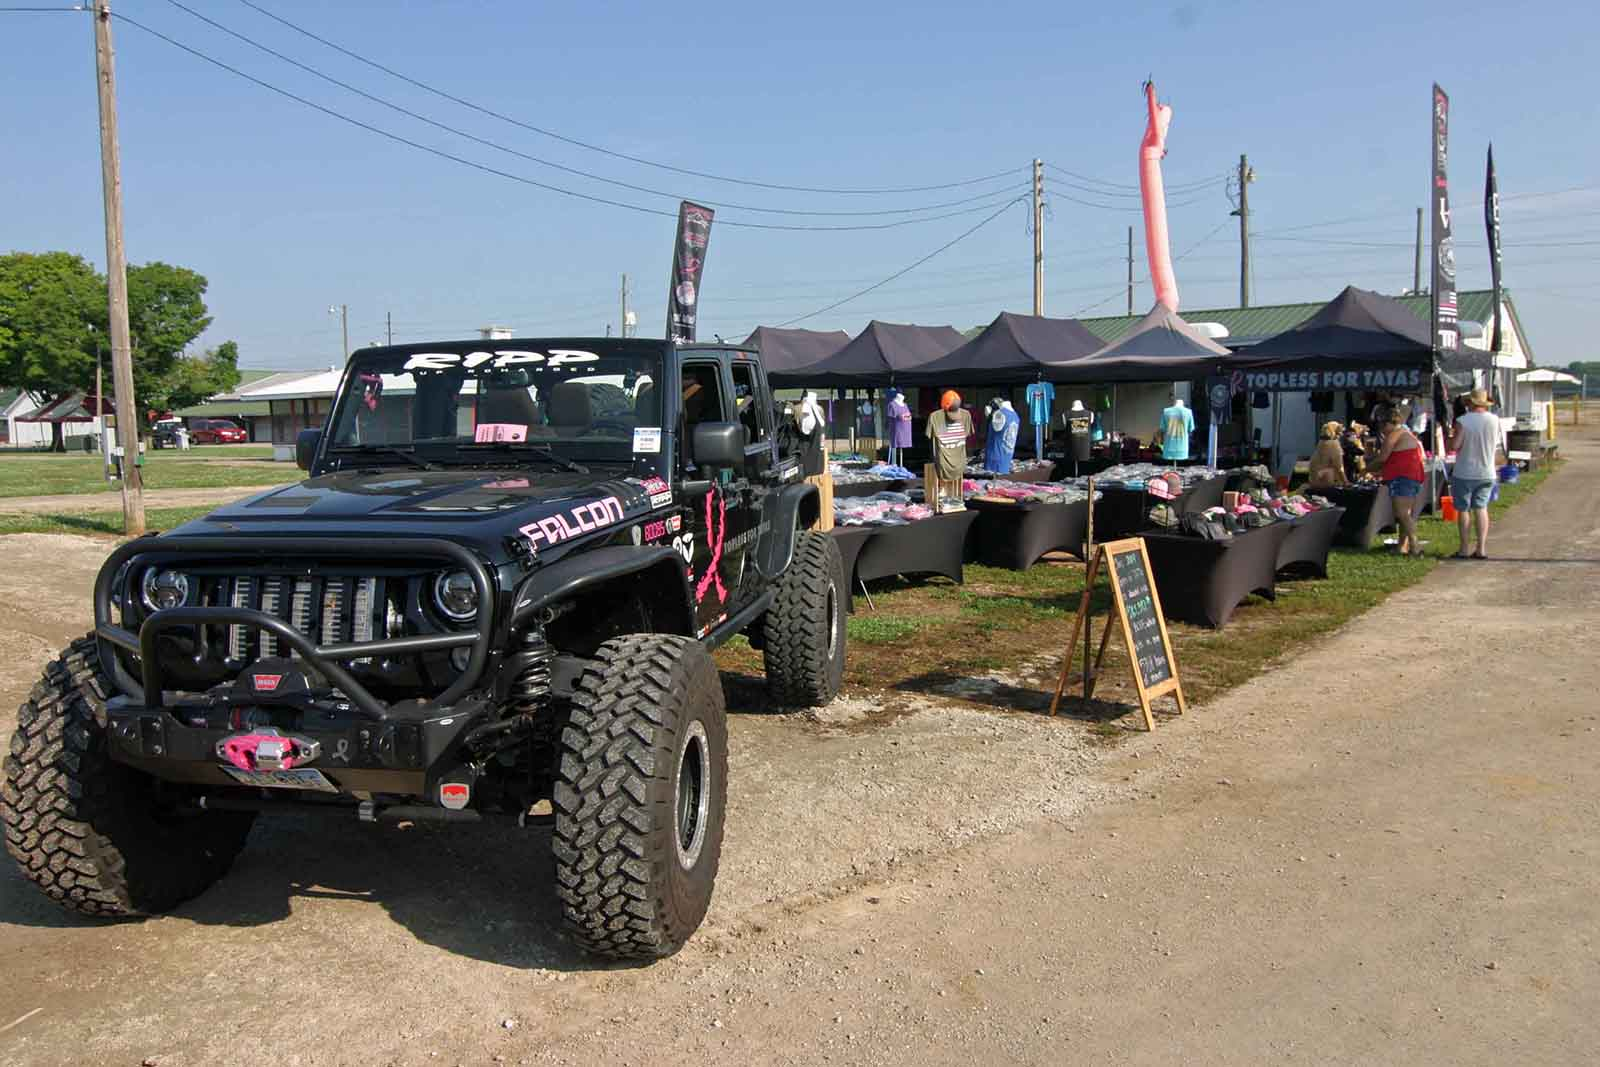 Ohio Jeep Fest